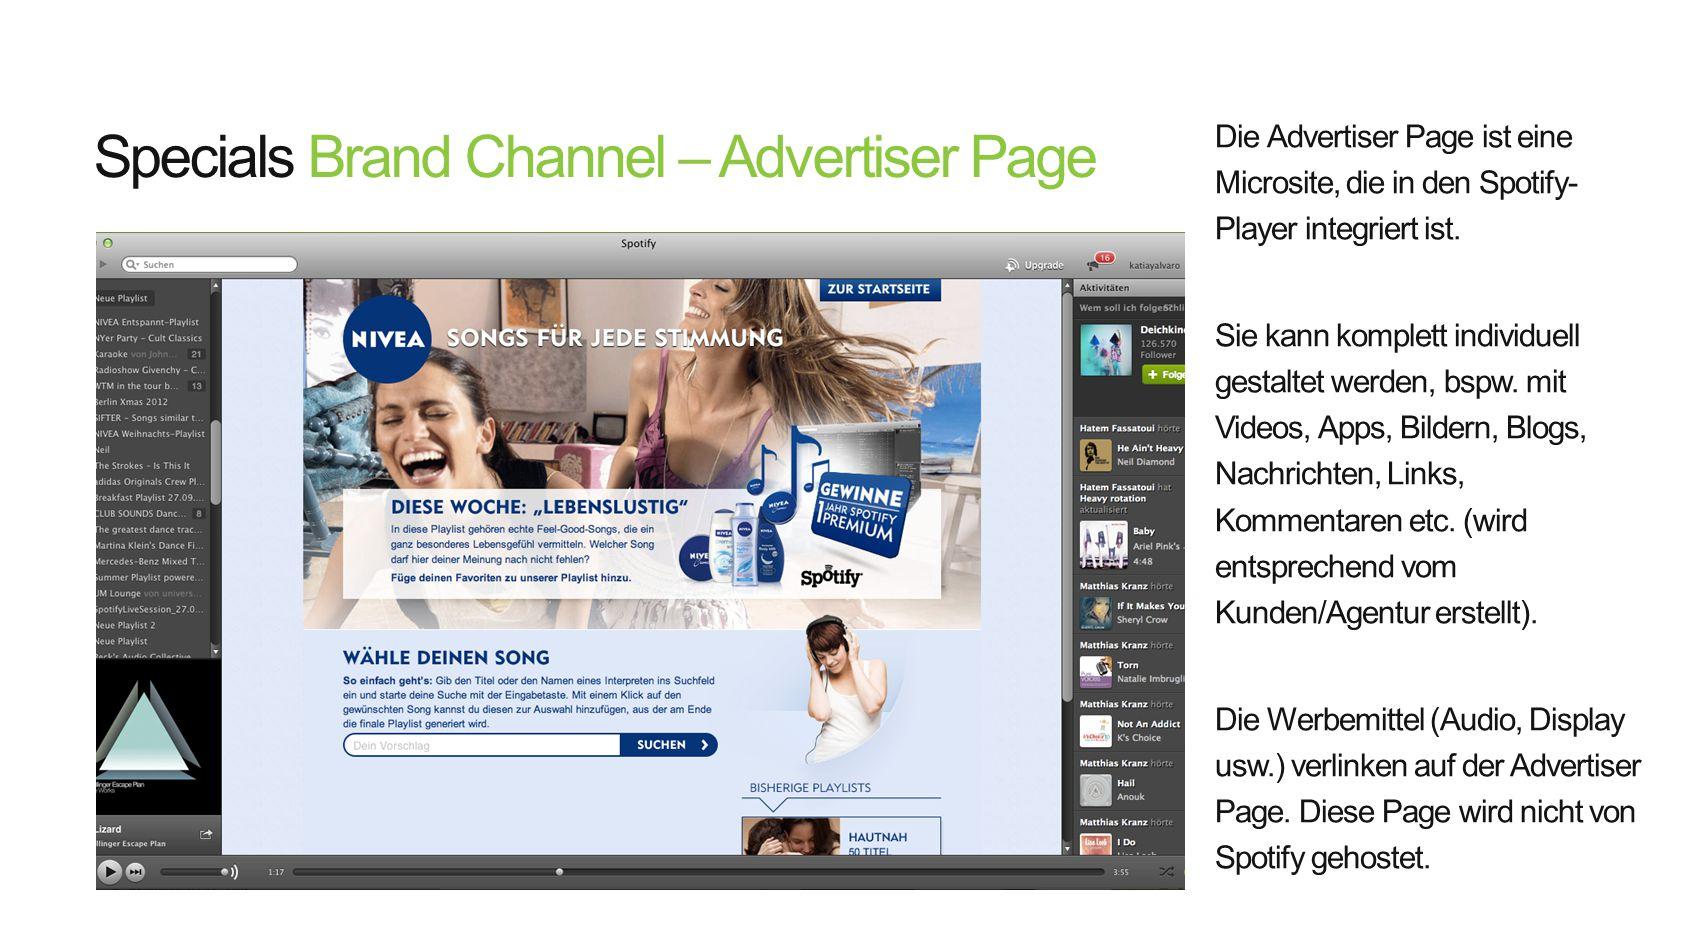 Hier sitzt die Advertiser Page: http://ext10.nivea.de/specials/niv-spotify/#moodsongs Diese URL ist die Ziel URL des Banners: